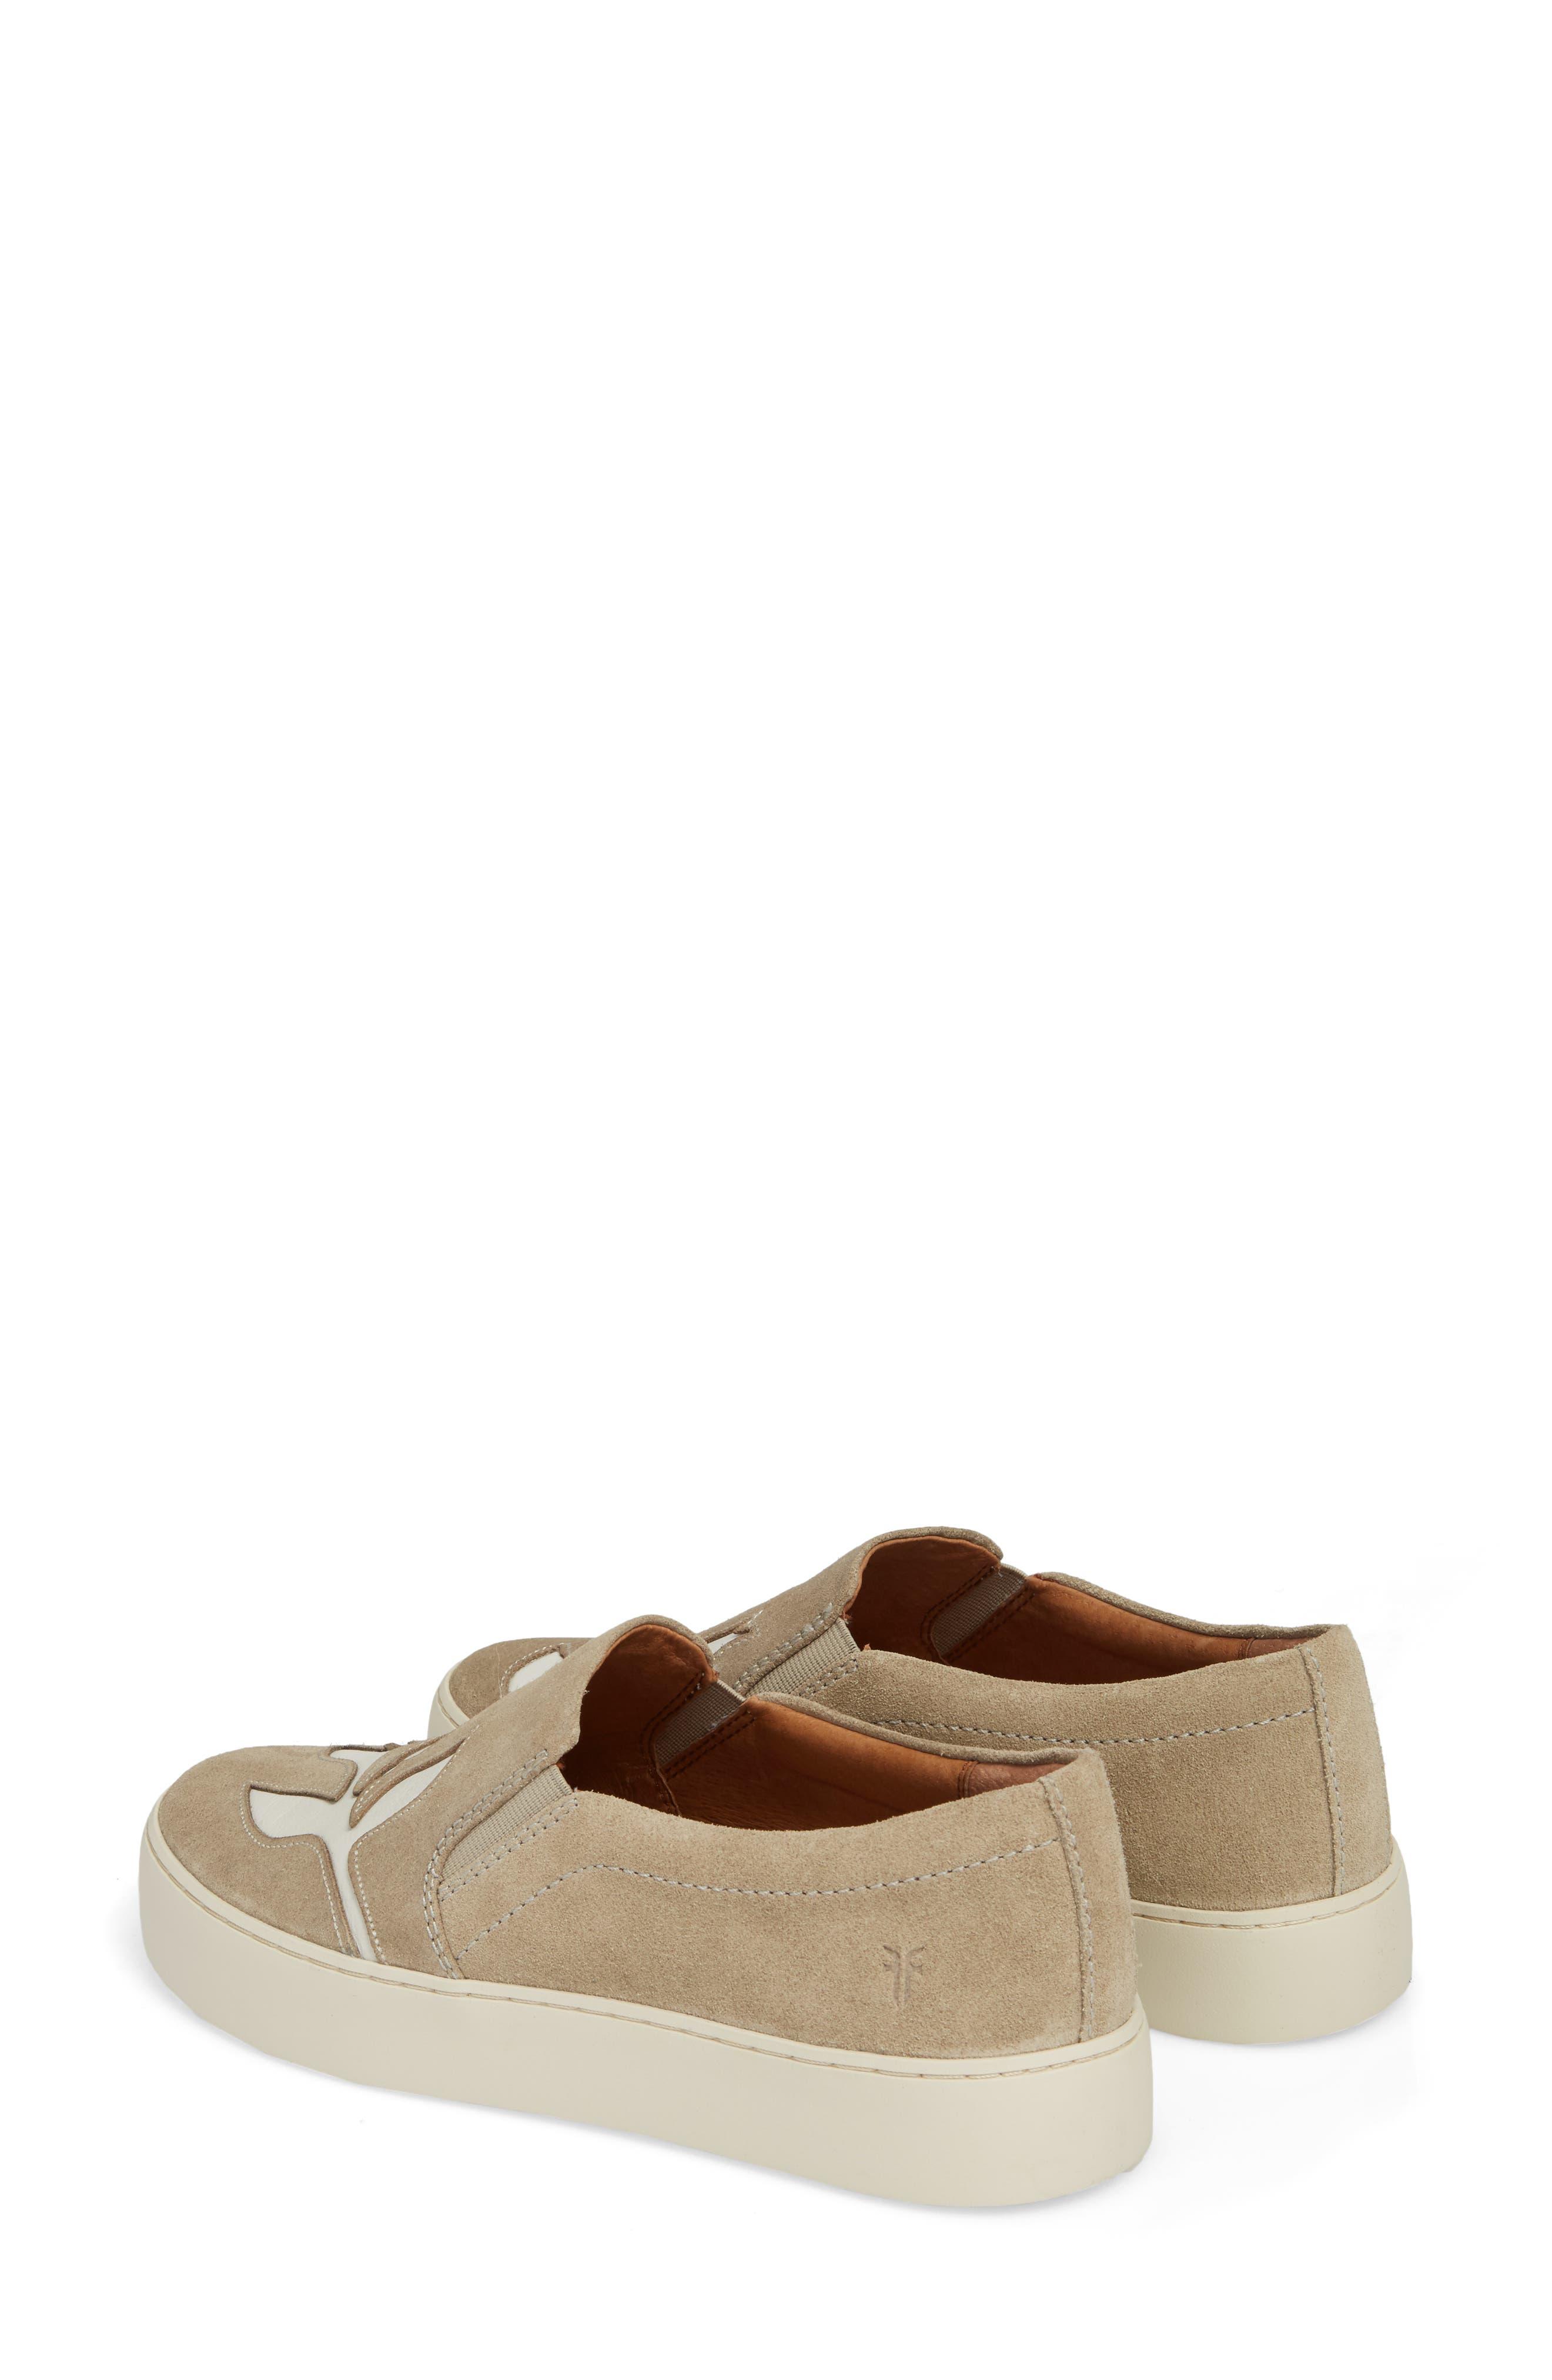 Lena Floral Slip-On Sneaker,                             Alternate thumbnail 6, color,